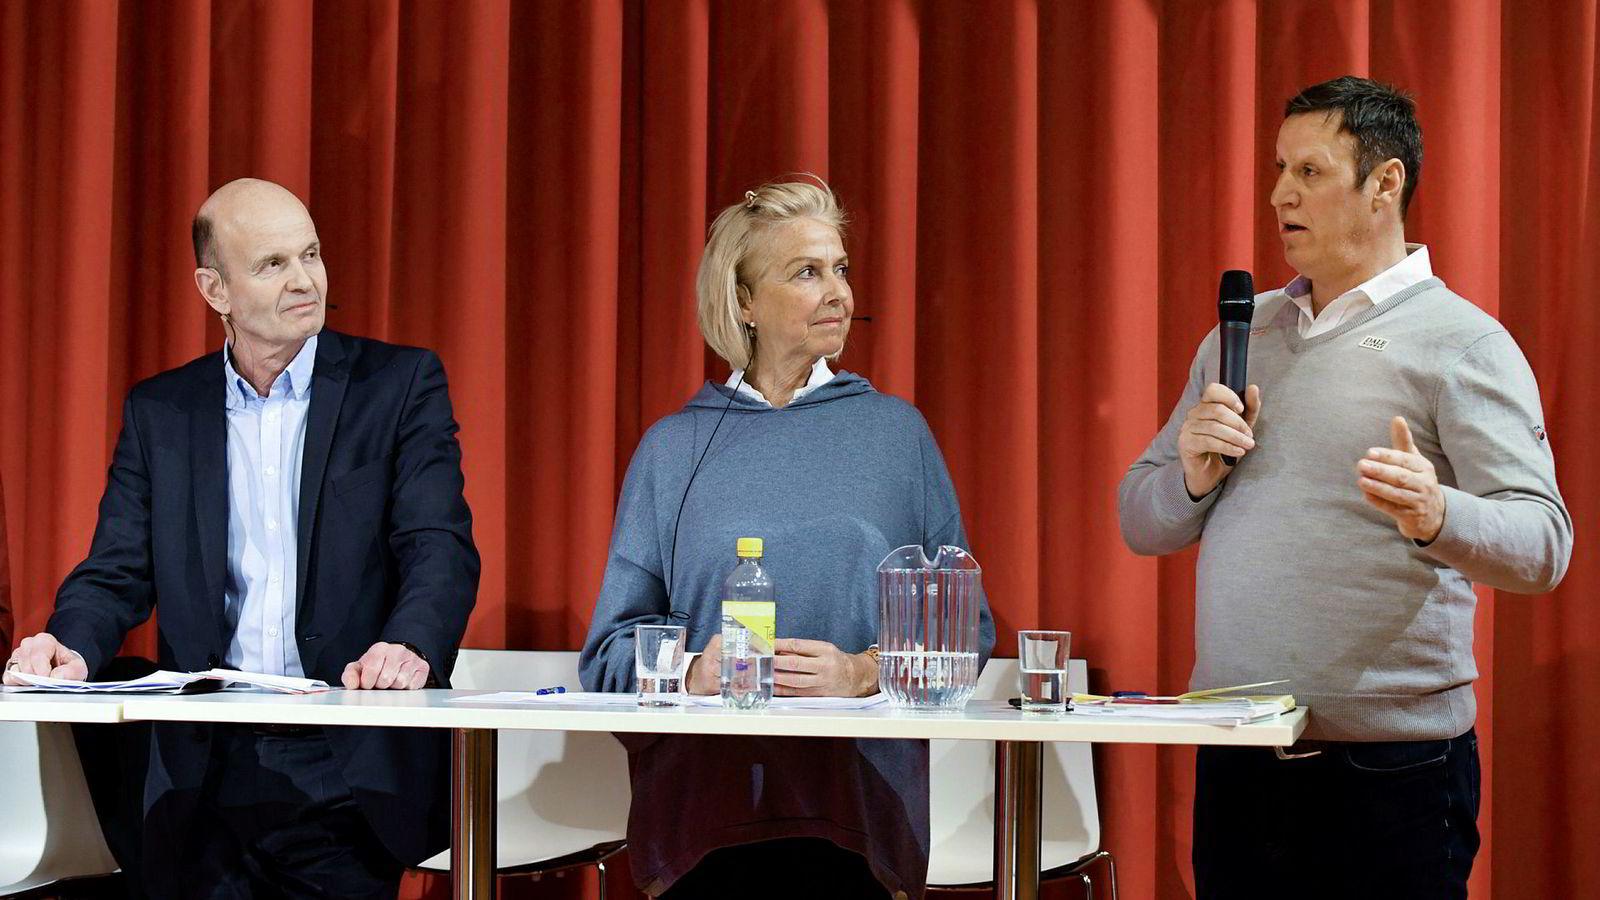 Sven Mollekleiv (til venstre) eller Berit Kjøll? Å velge kvinnen blant de to kvalifiserte presidentkandidatene på idrettstinget er et steg i riktig retning, skriver Daniel Kjørberg Siraj. Her fra en debatt ved Norges idrettshøgskole. Til venstre står Tom Tvedt.